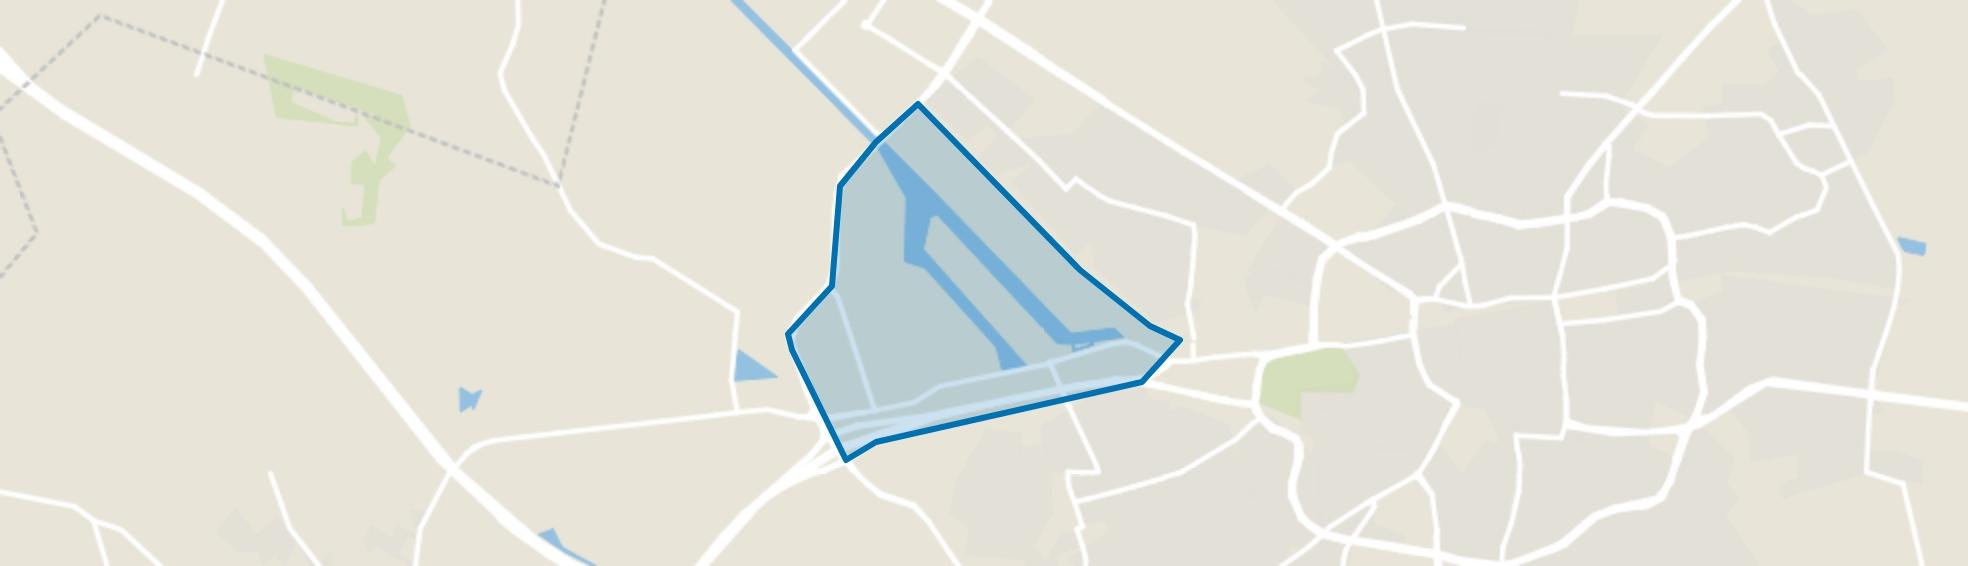 Industrie- en havengebied, Enschede map